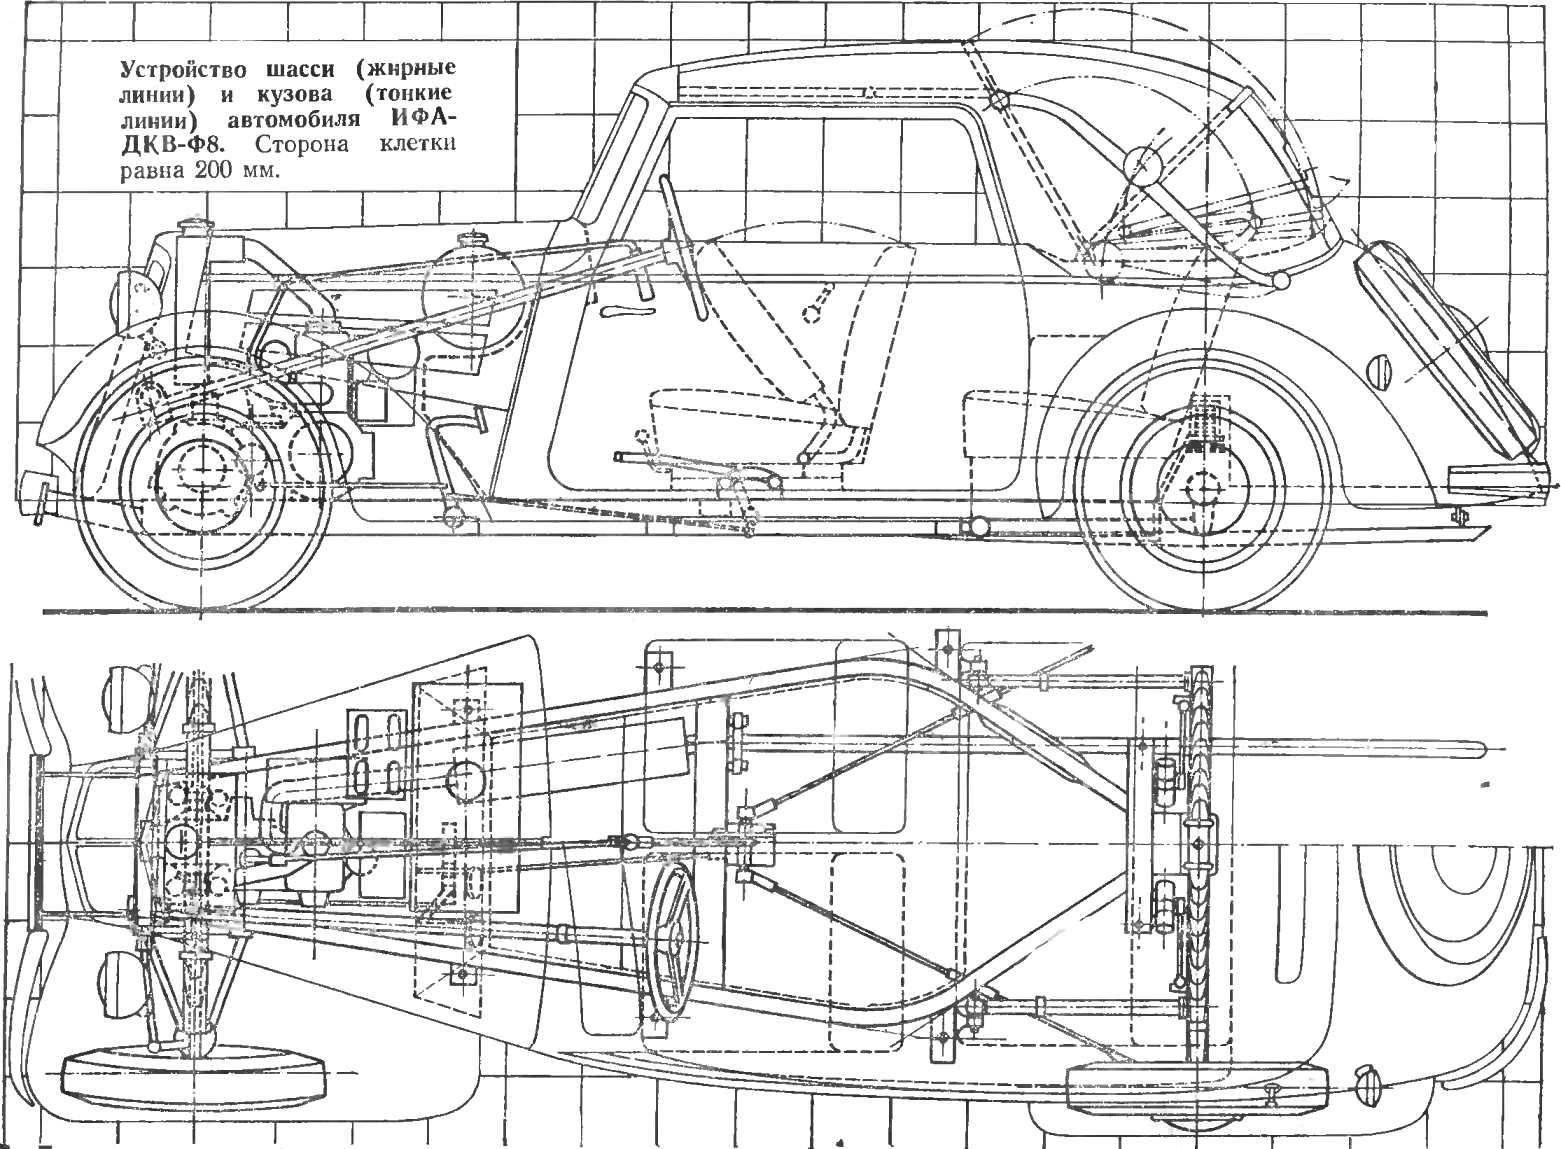 Устройство шасси (жирные линии) и кузова (тонкие линии) автомобиля ИФА-ДКВ-Ф8. Сторона клетки равна 200 мм.